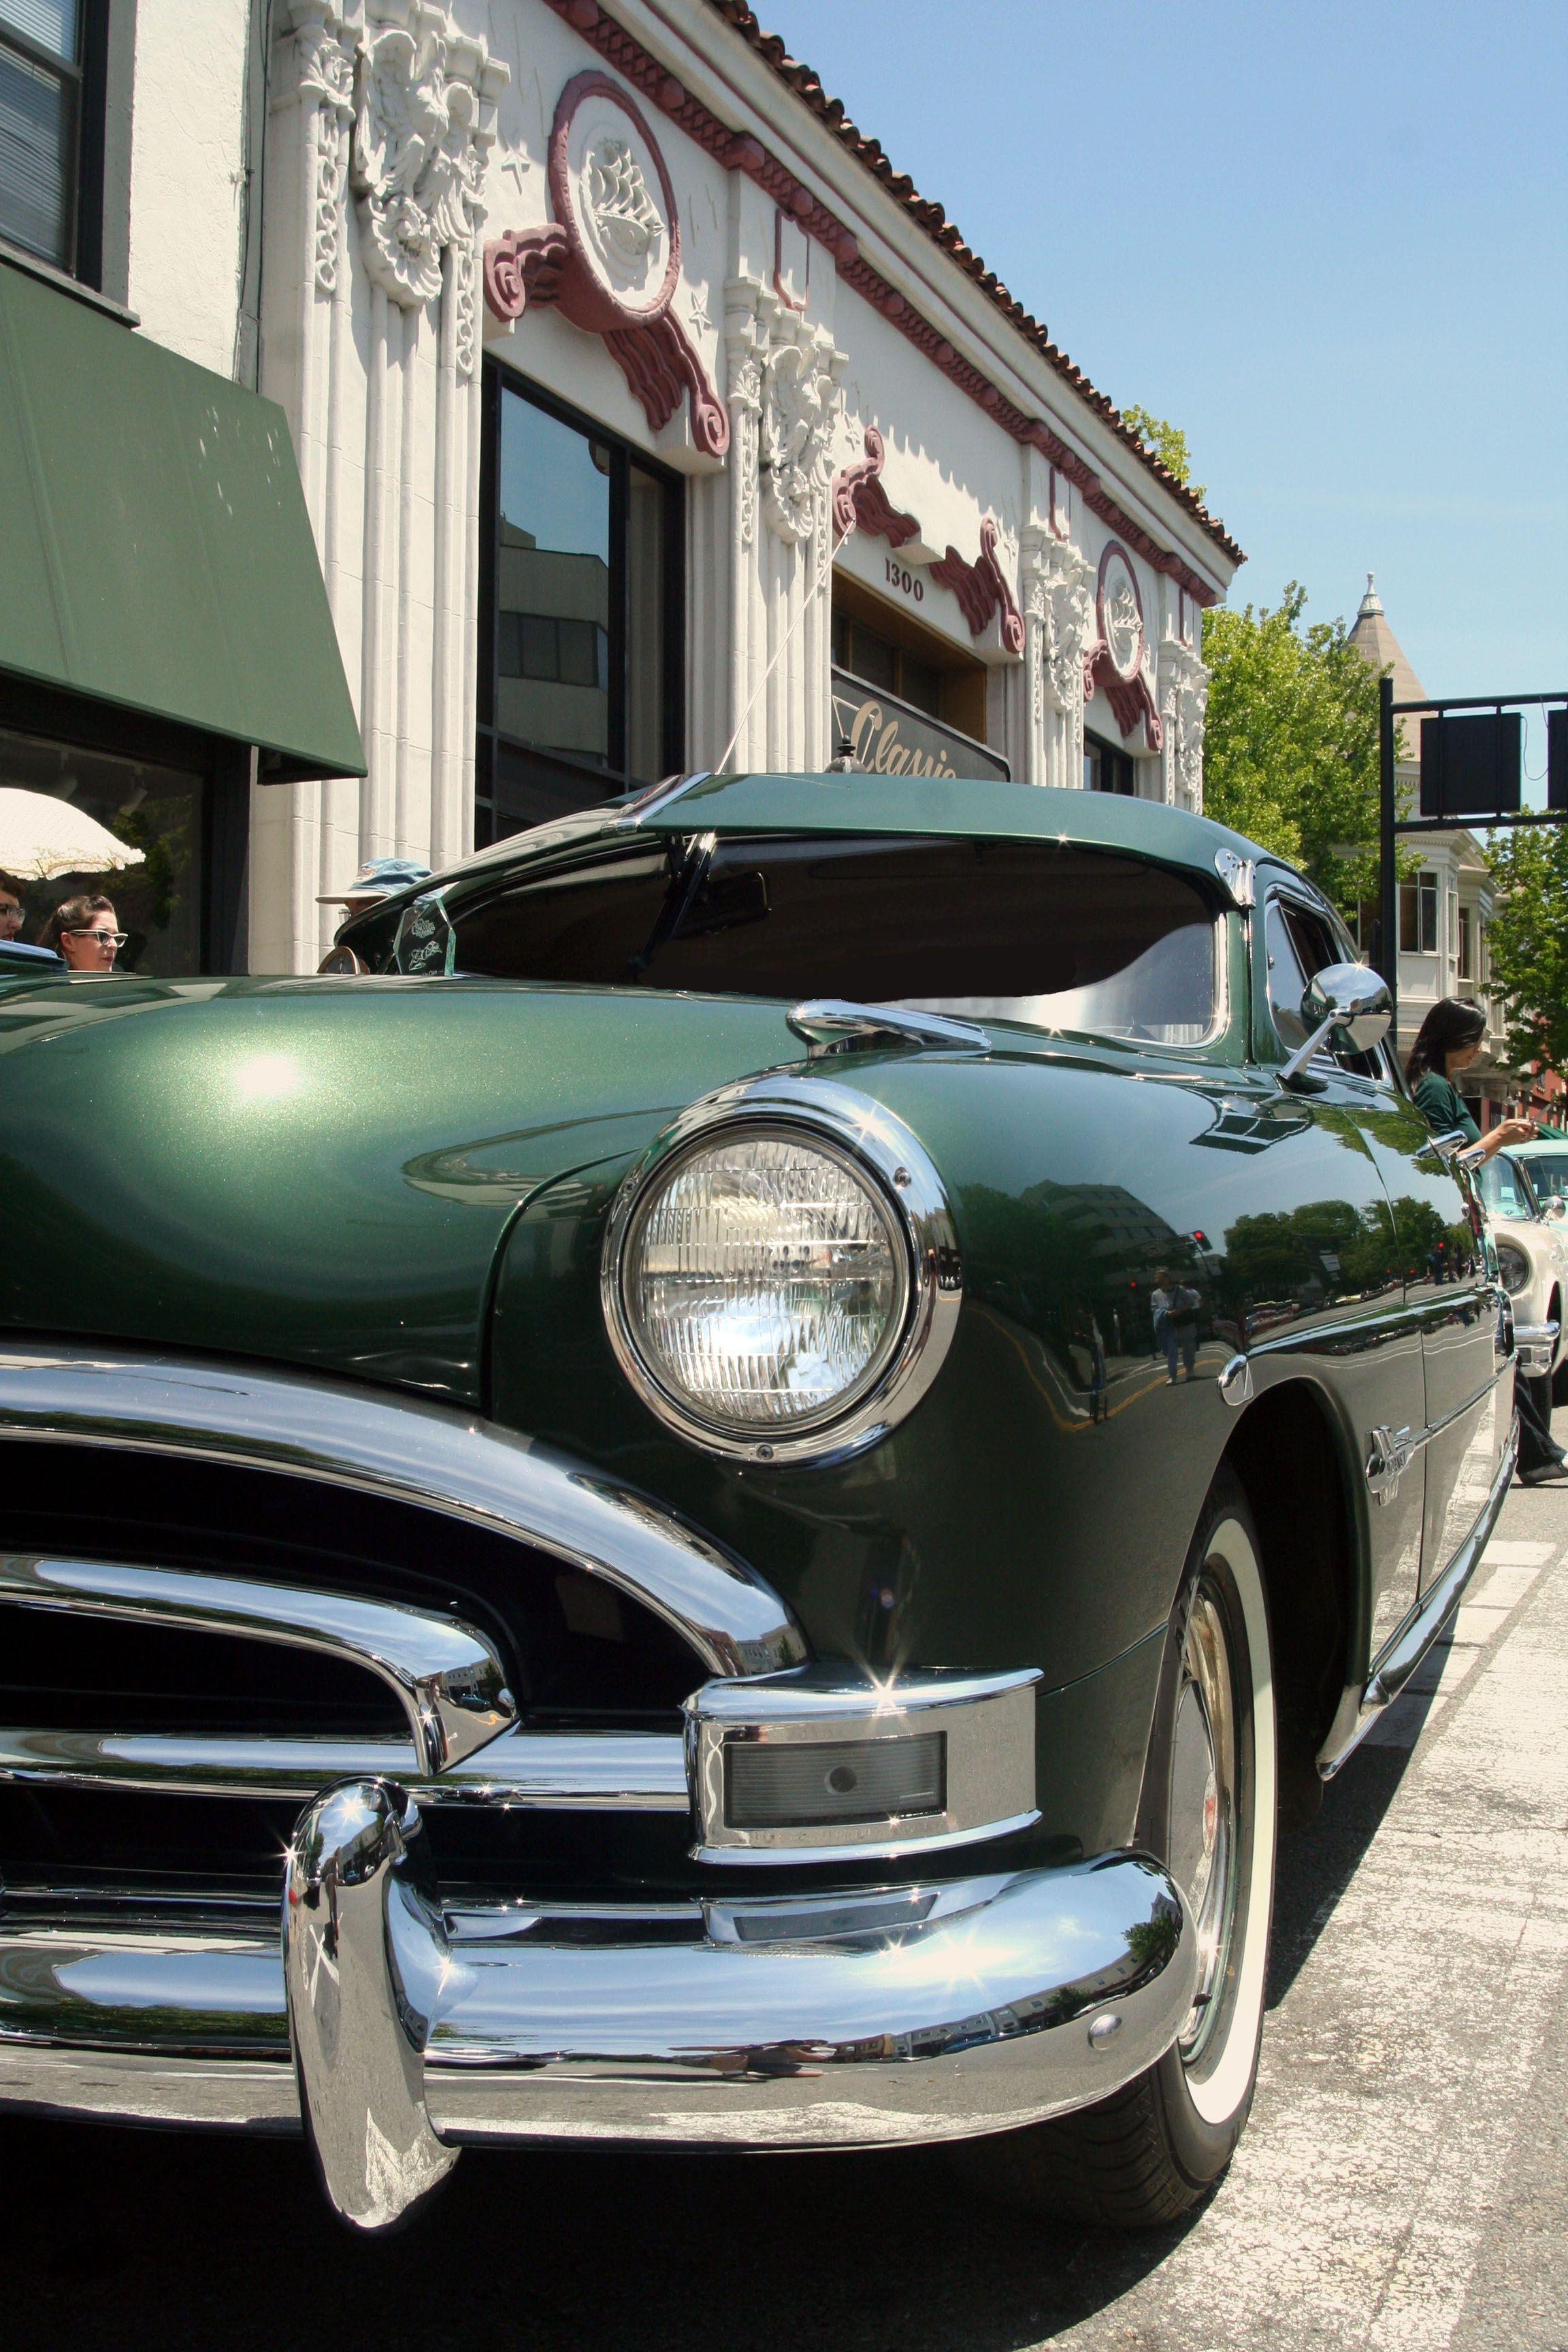 vieille voiture am ricaine cuba voiture pinterest voiture americaine vieilles voitures. Black Bedroom Furniture Sets. Home Design Ideas